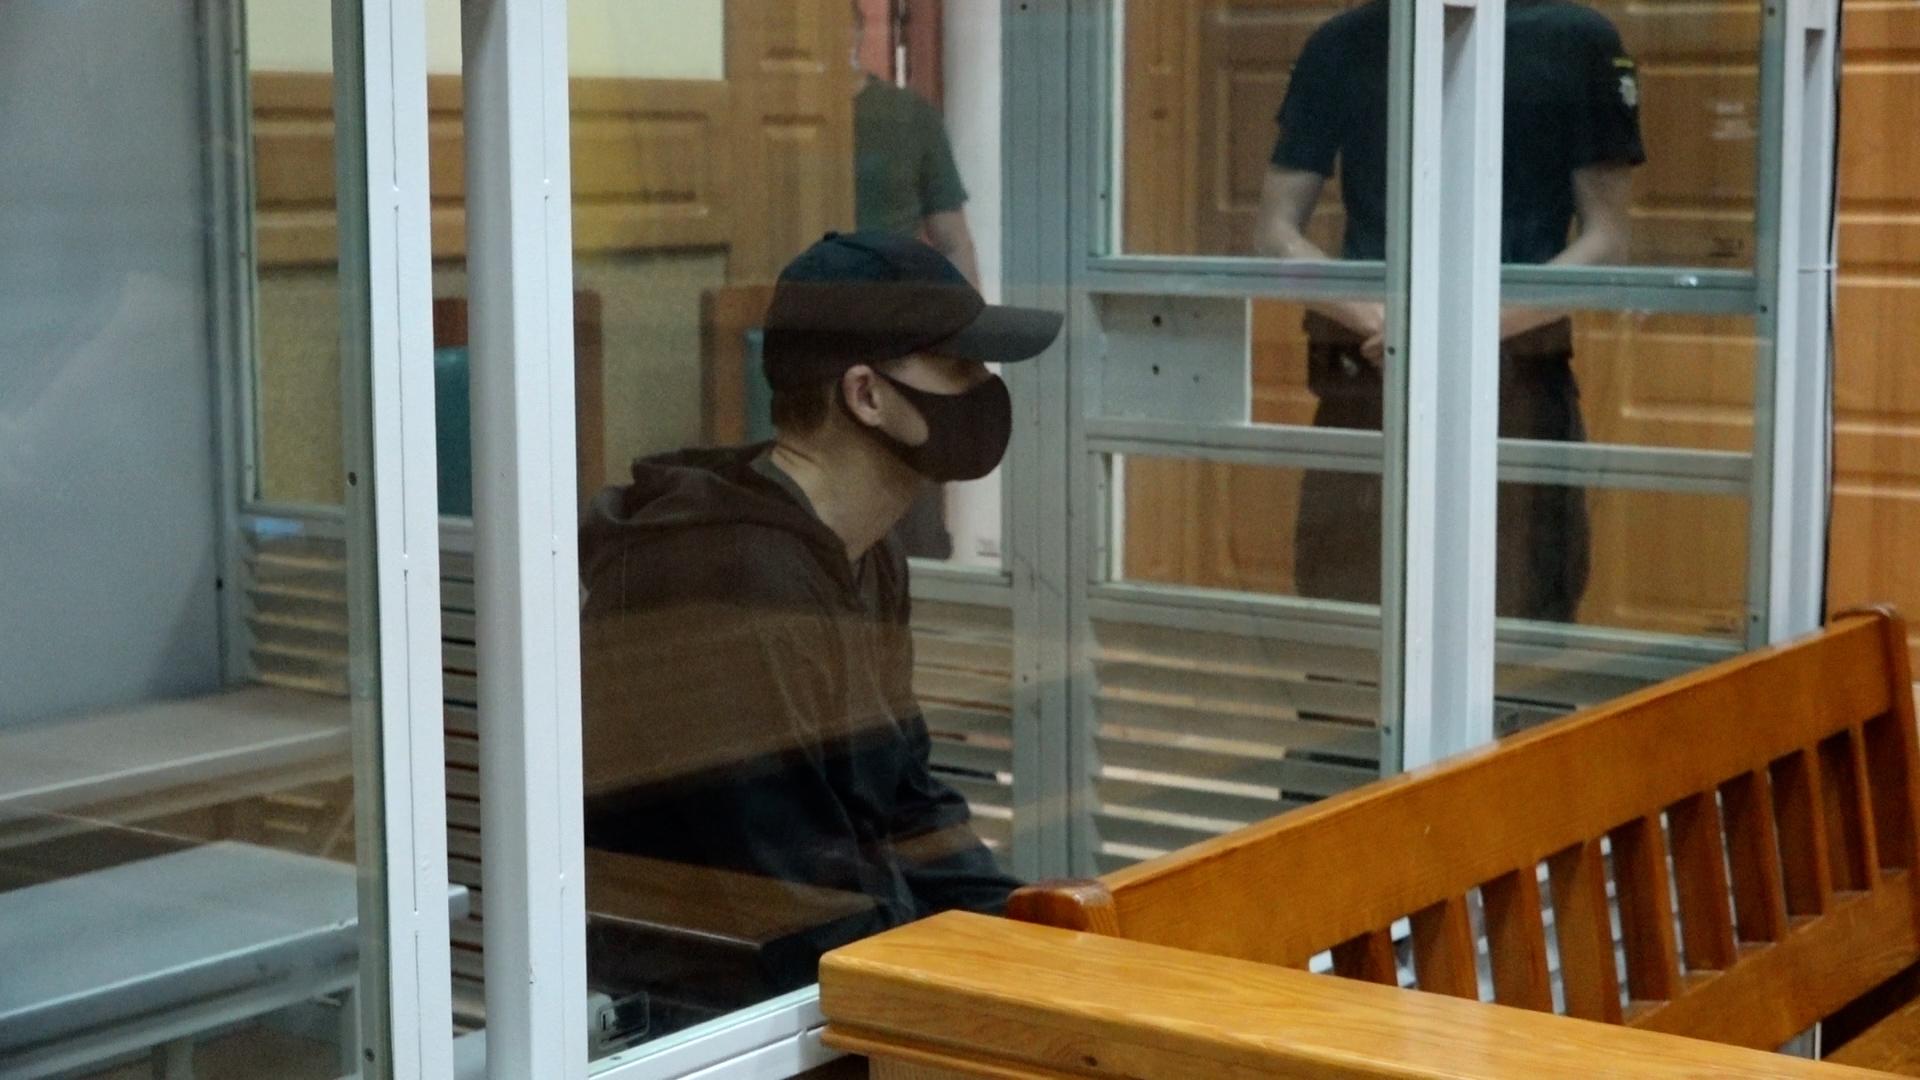 28 серпня вийде на волю винуватець смертельної ДТП на Тернопільщині: остаточного вироку ще немає